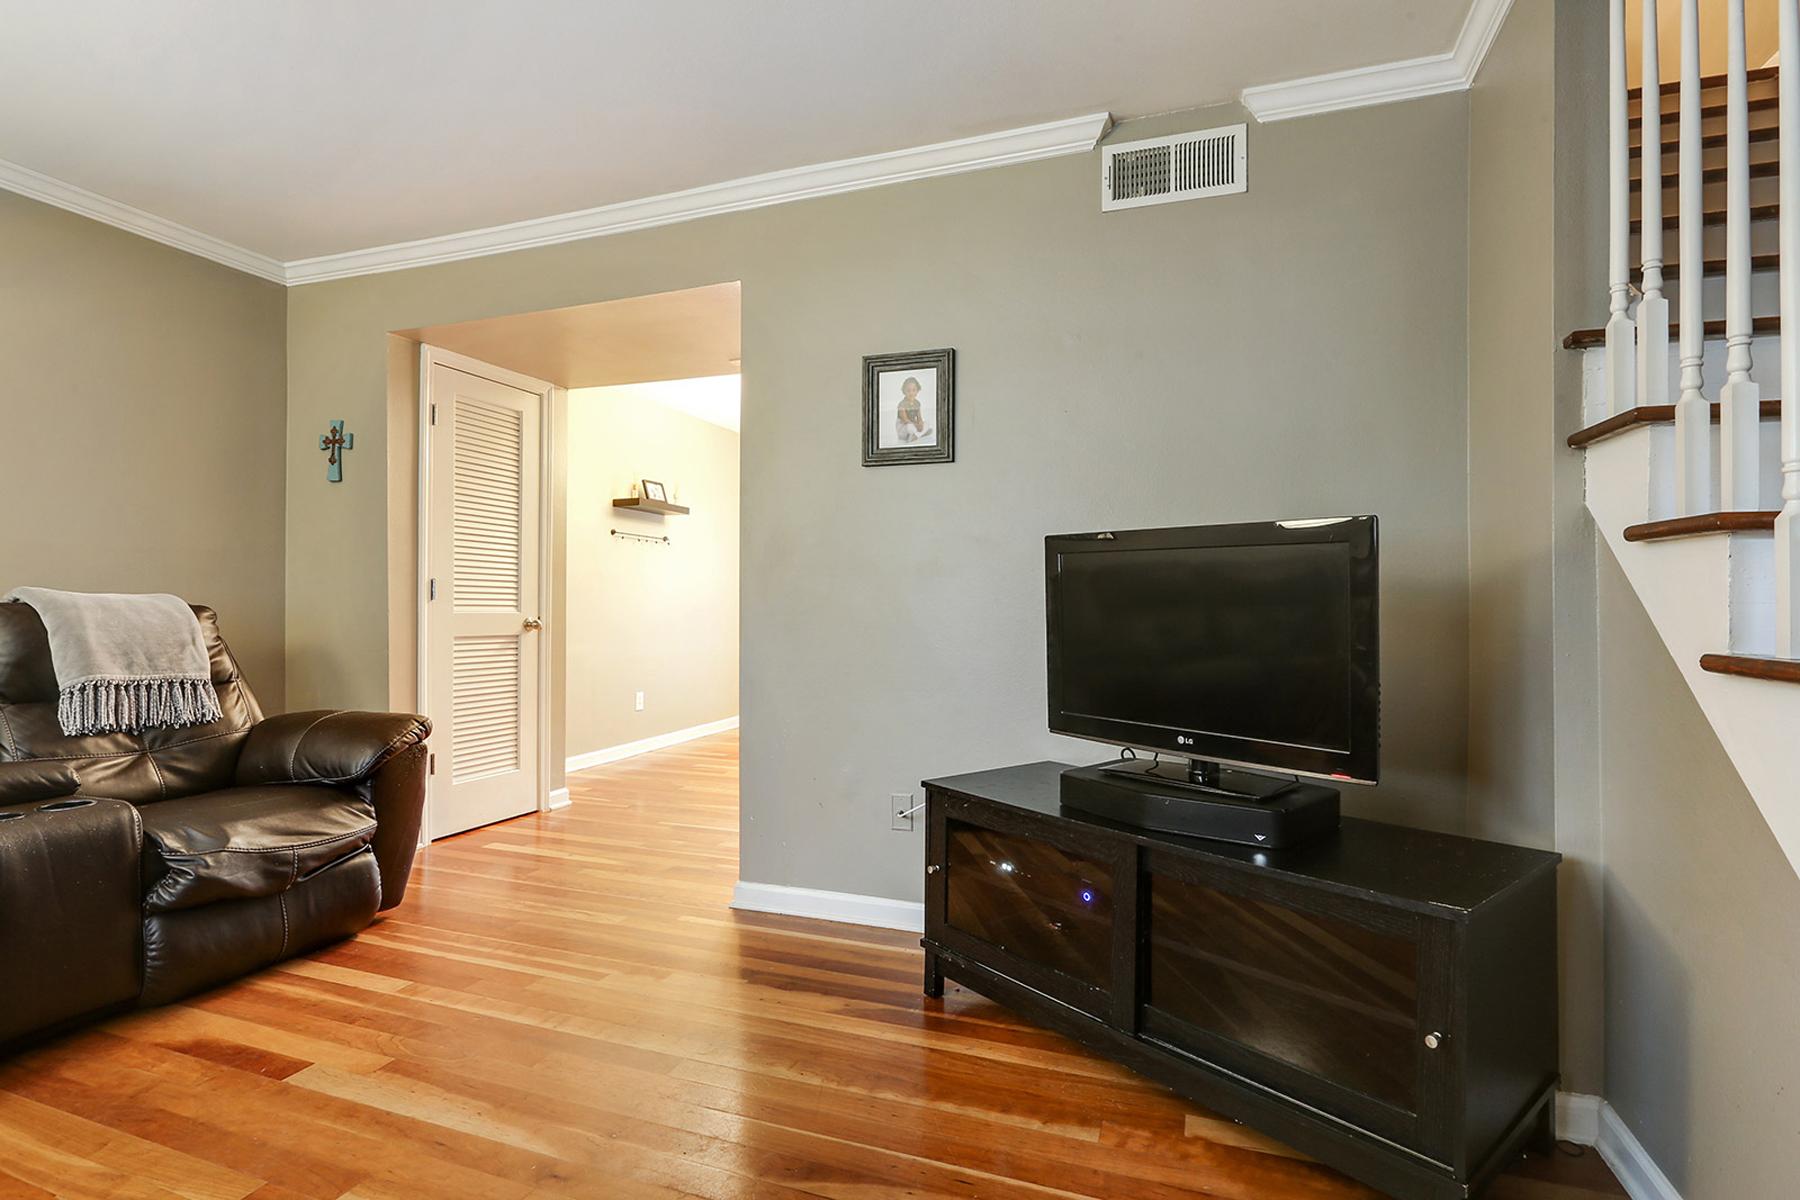 タウンハウス のために 売買 アット Superb Townhome In Highly Sought After Gated Community Of Sandy Springs 6940 Roswell Road Unit 23C Atlanta, ジョージア, 30328 アメリカ合衆国